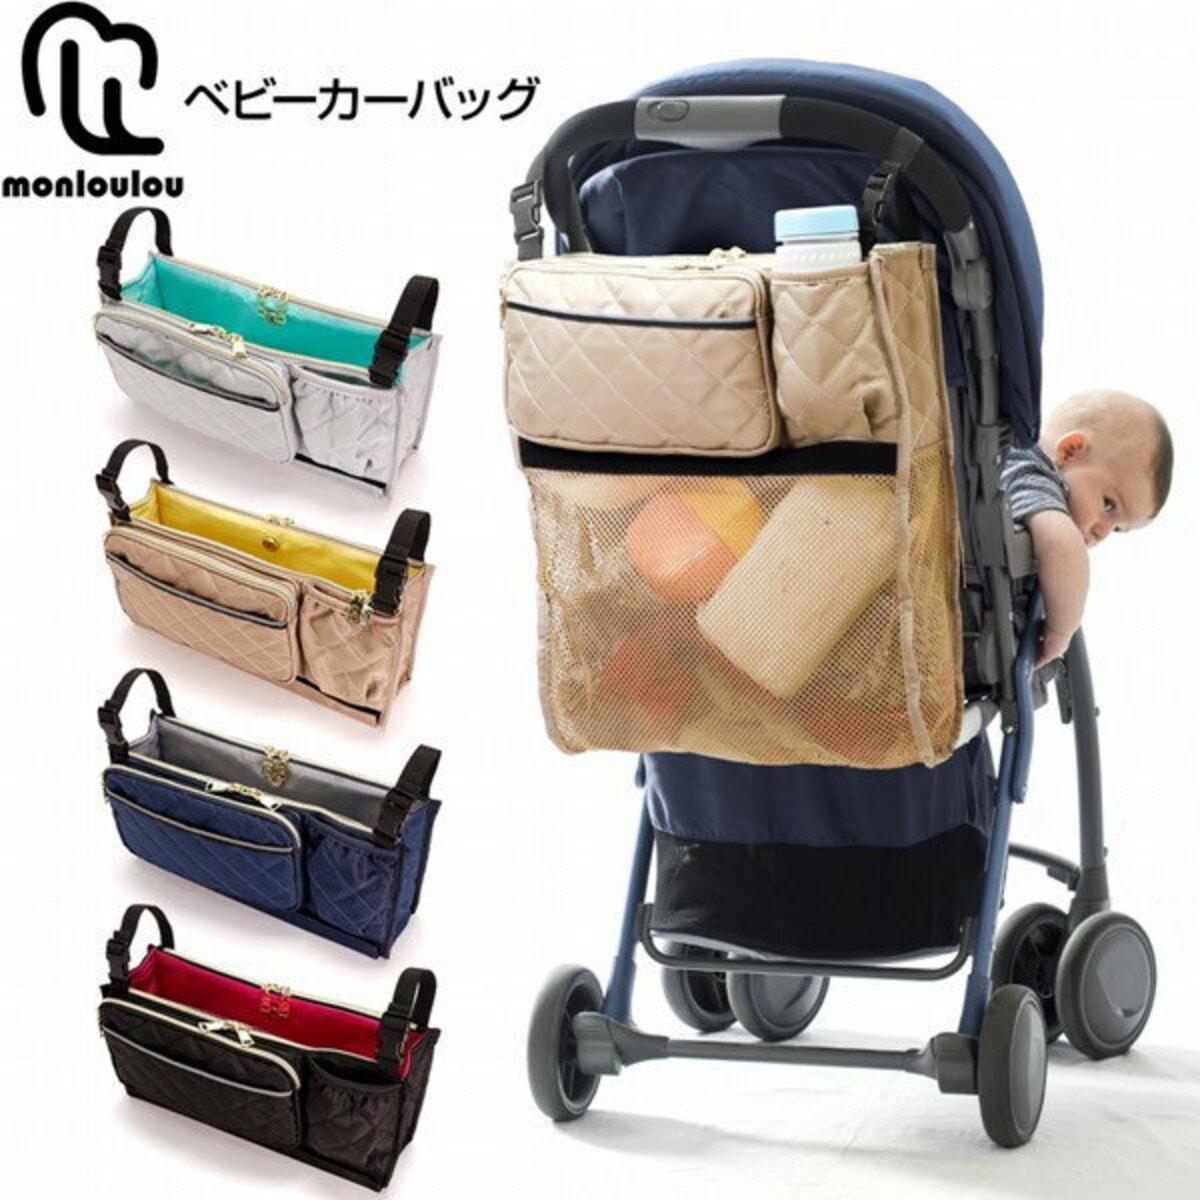 モンルル「ベビーカーバッグ」